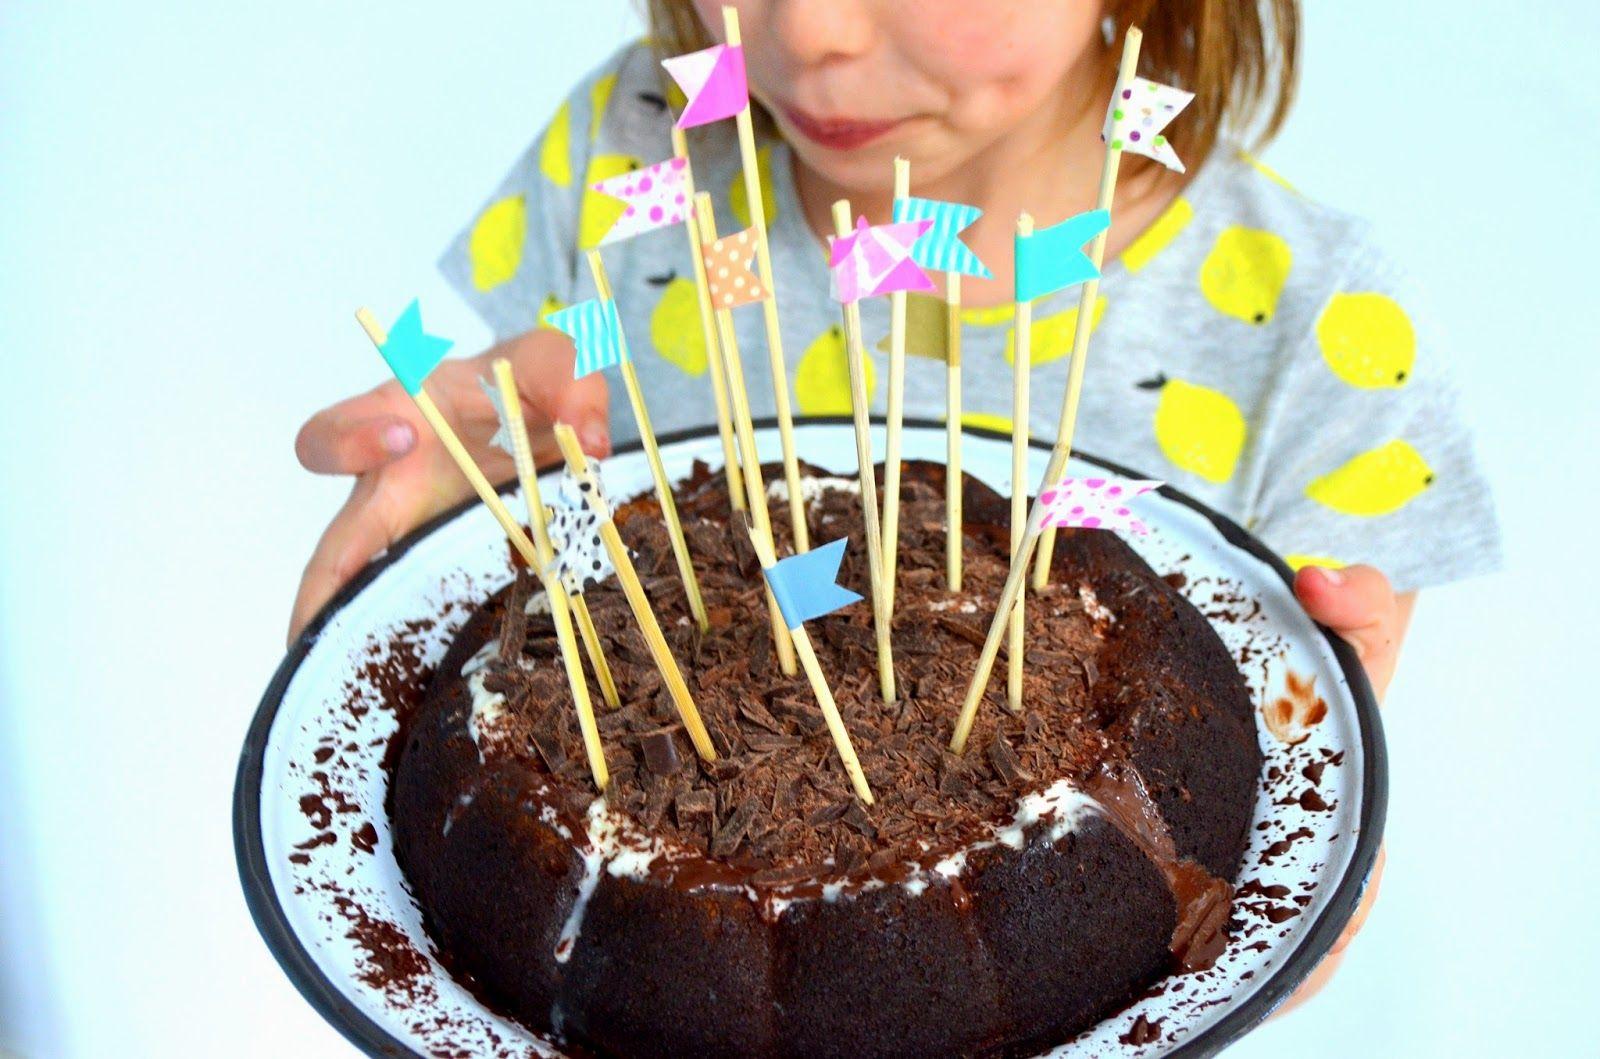 mama van vijf: Over een onweerstaanbare chocoladetaart - april 2015